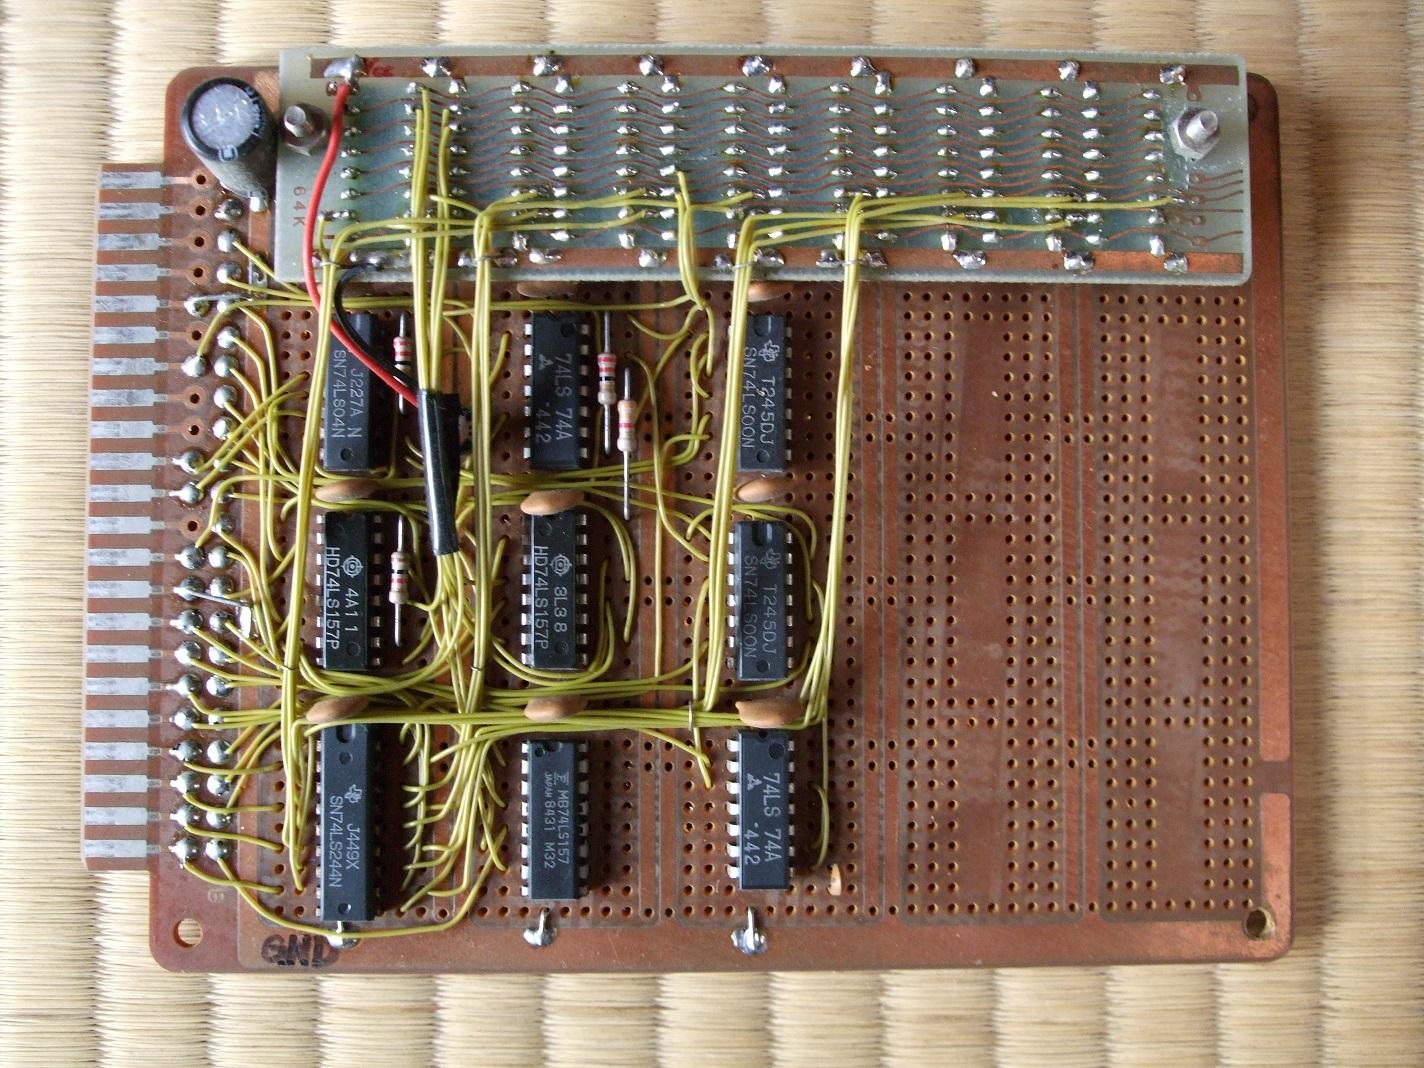 D-RAM board